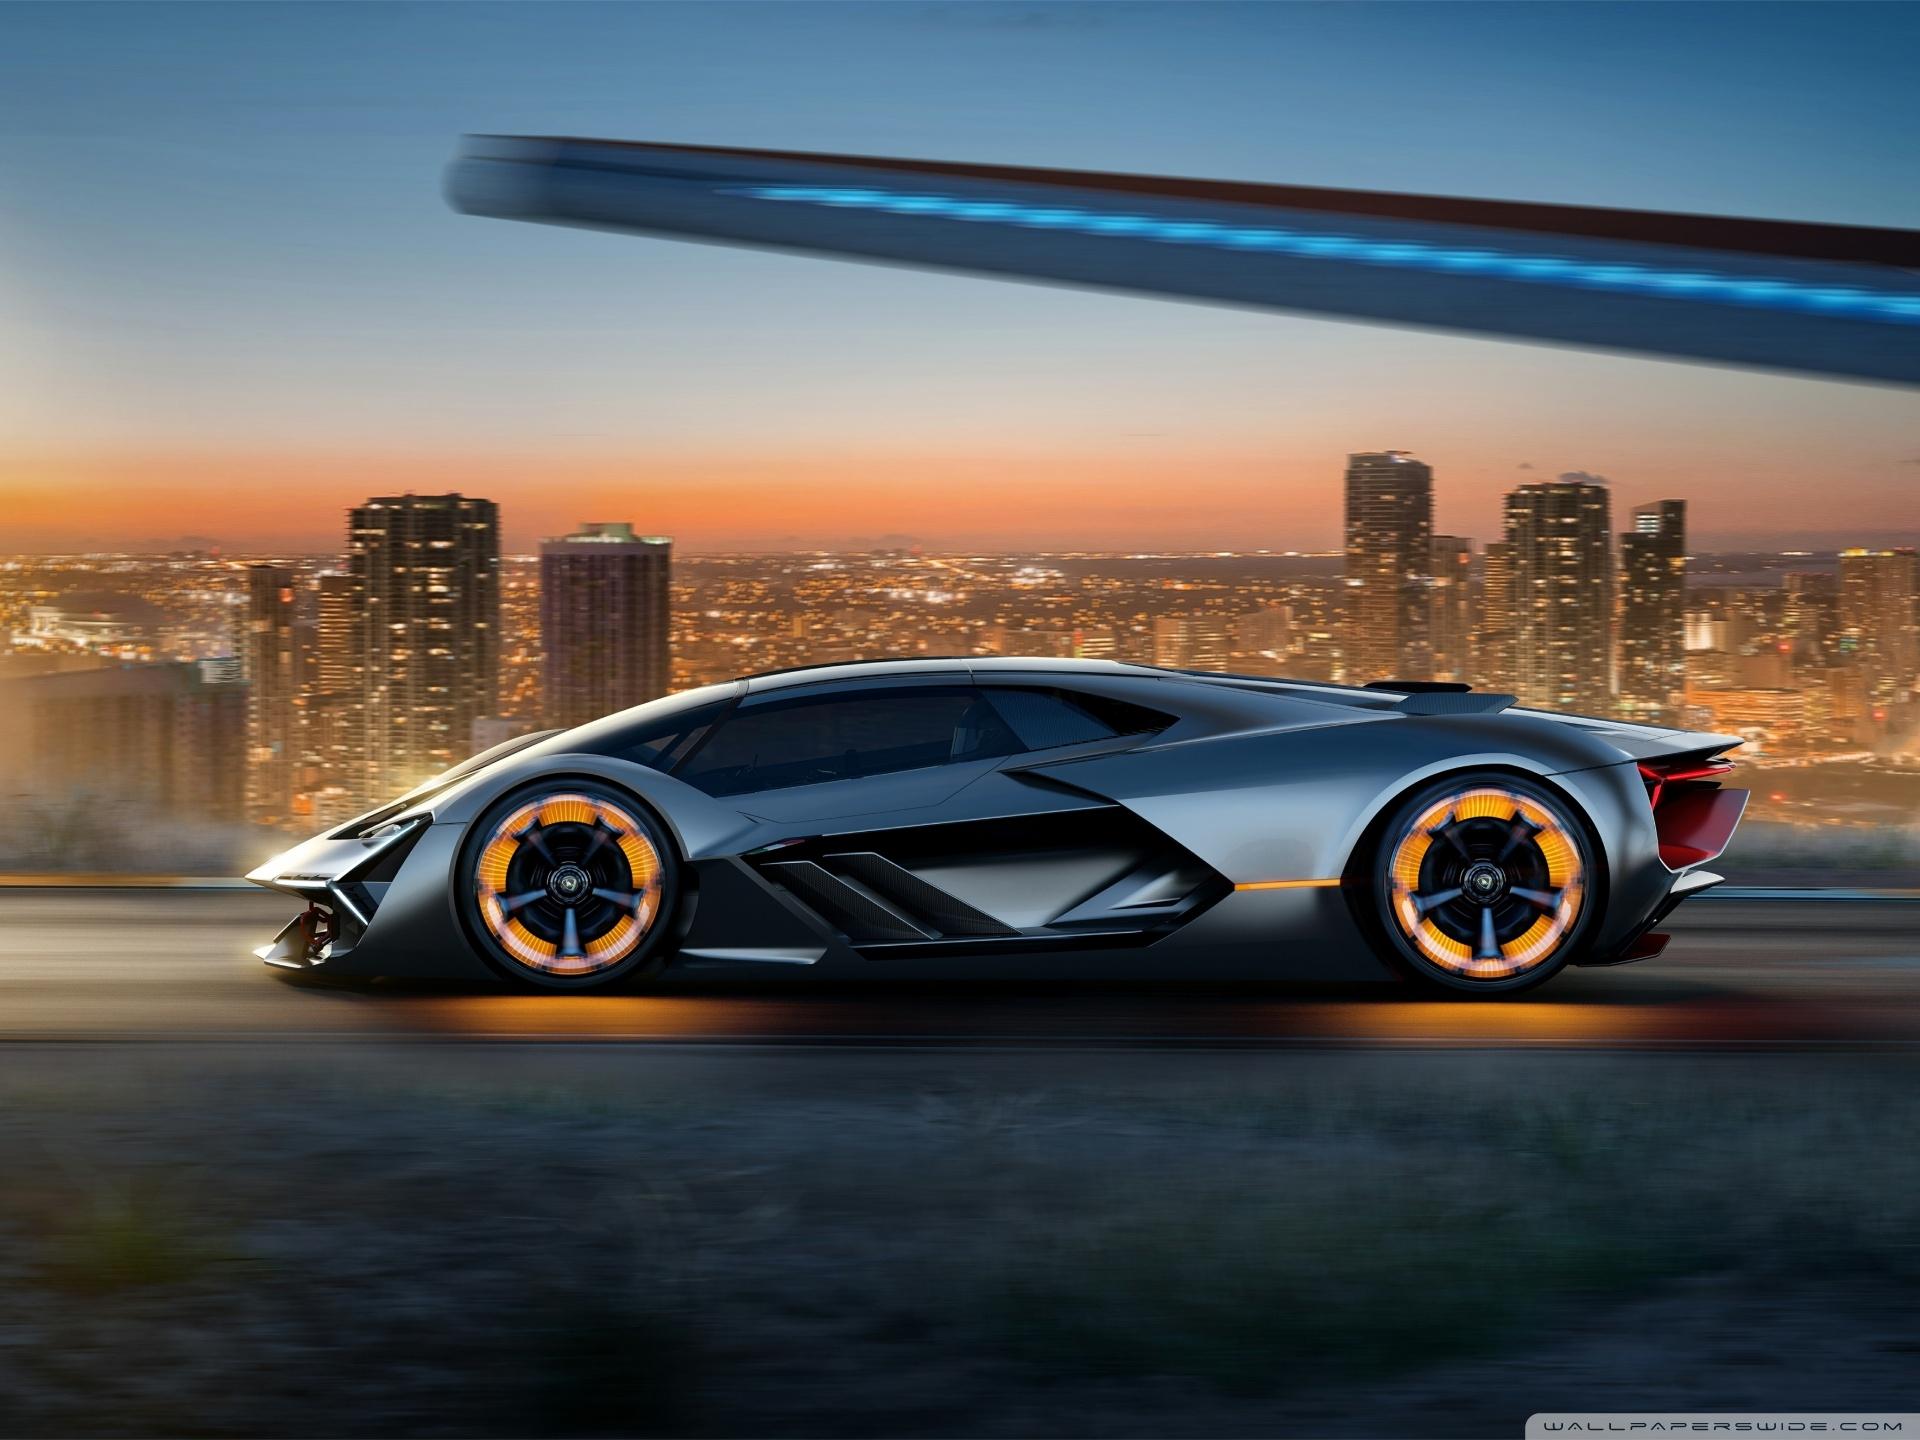 عکس های پس زمینه بسیار زیبا از اتومبیل ها